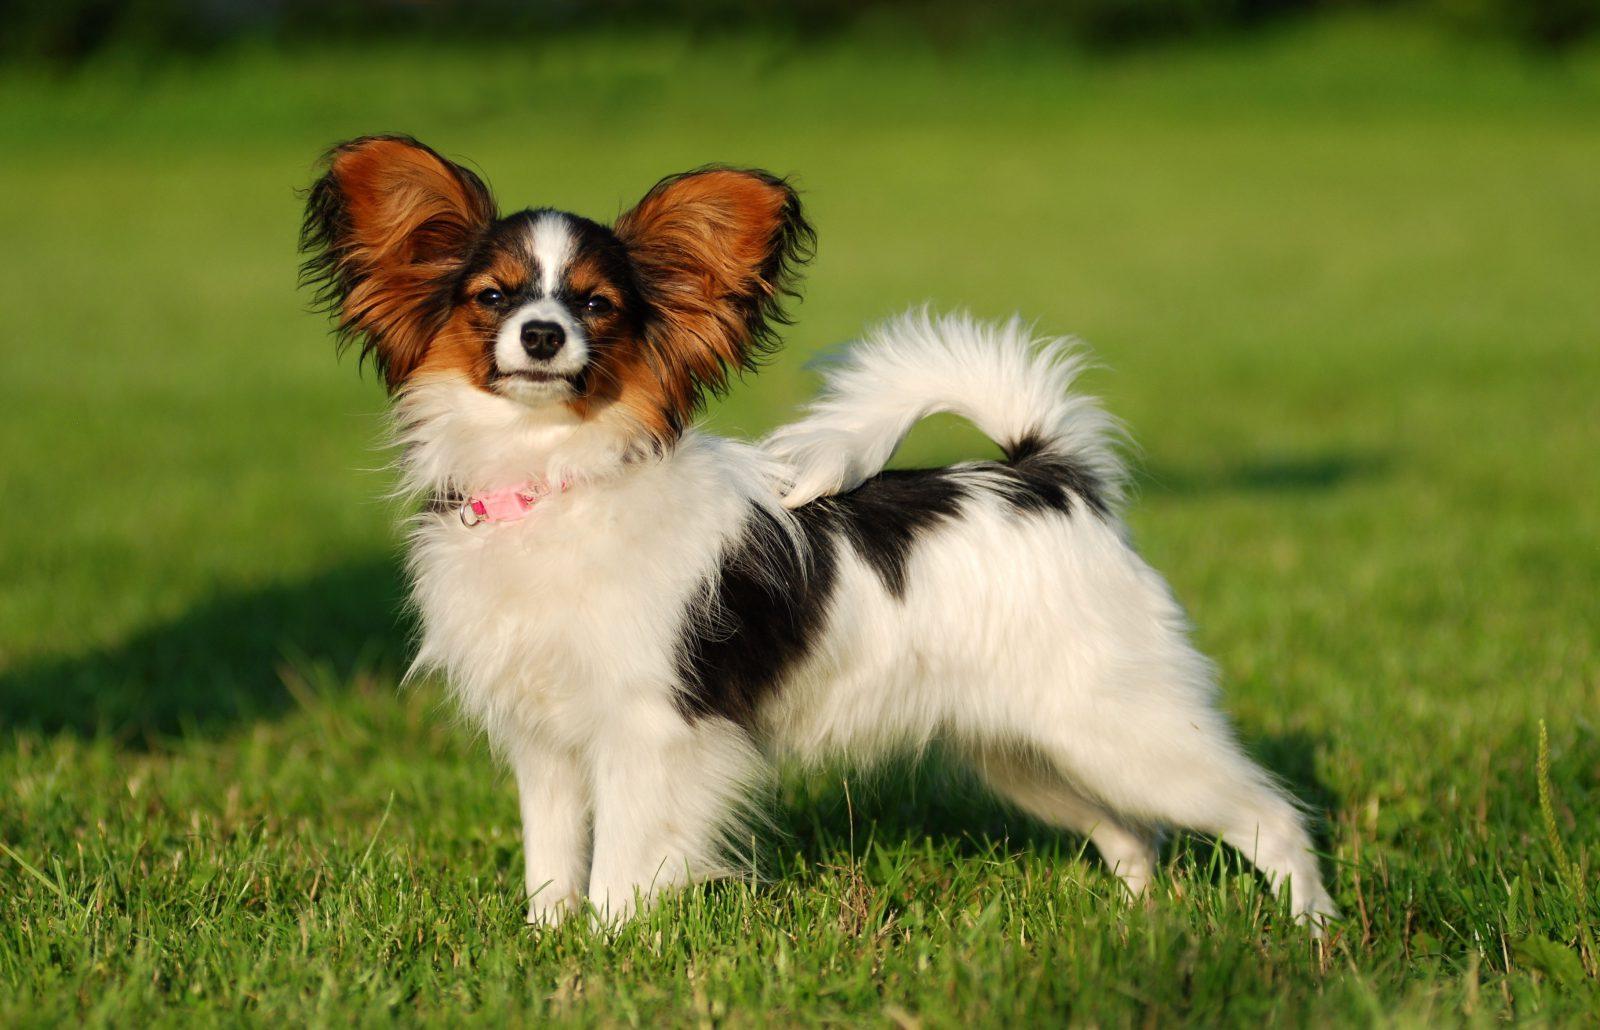 Cachorros de raça: Papillon no gramado fazendo pose.